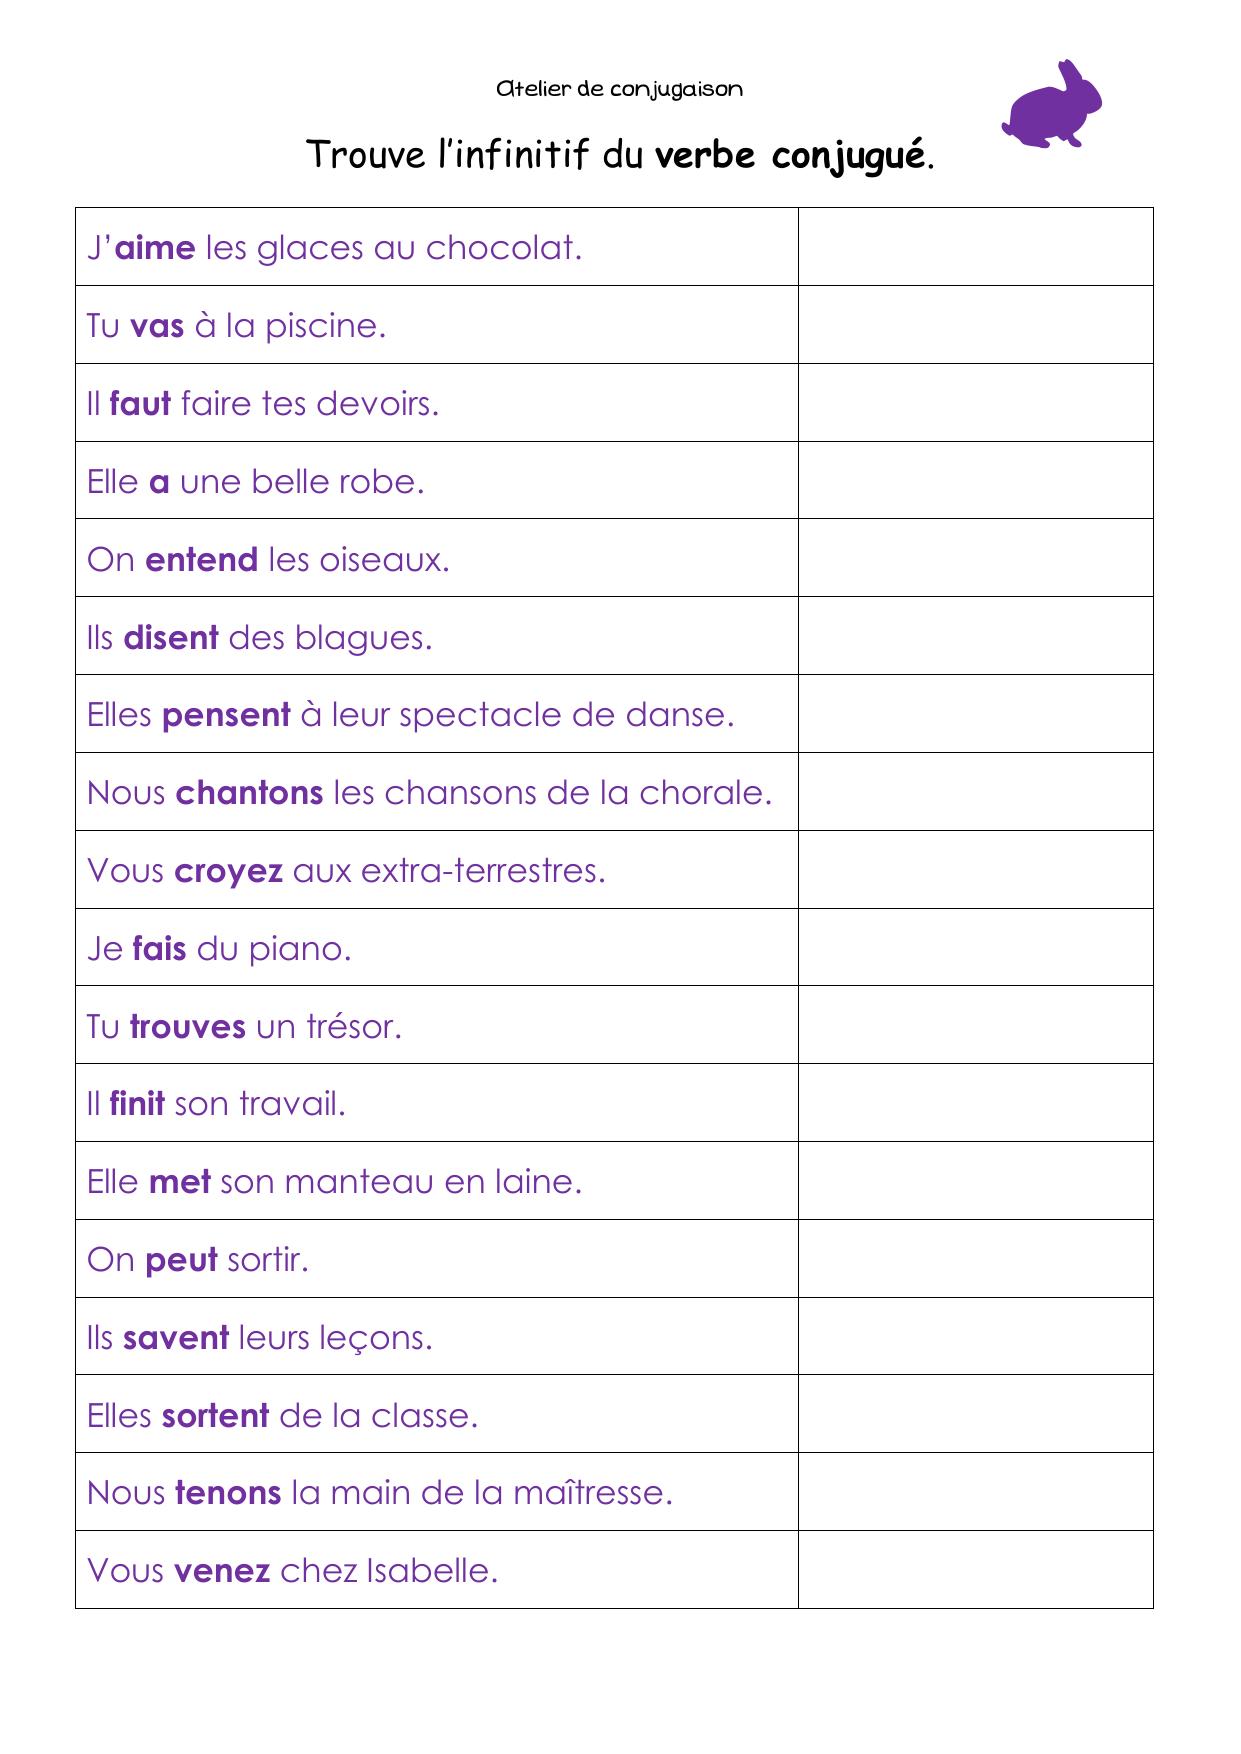 Trouve L Infinitif Du Verbe Conjugue